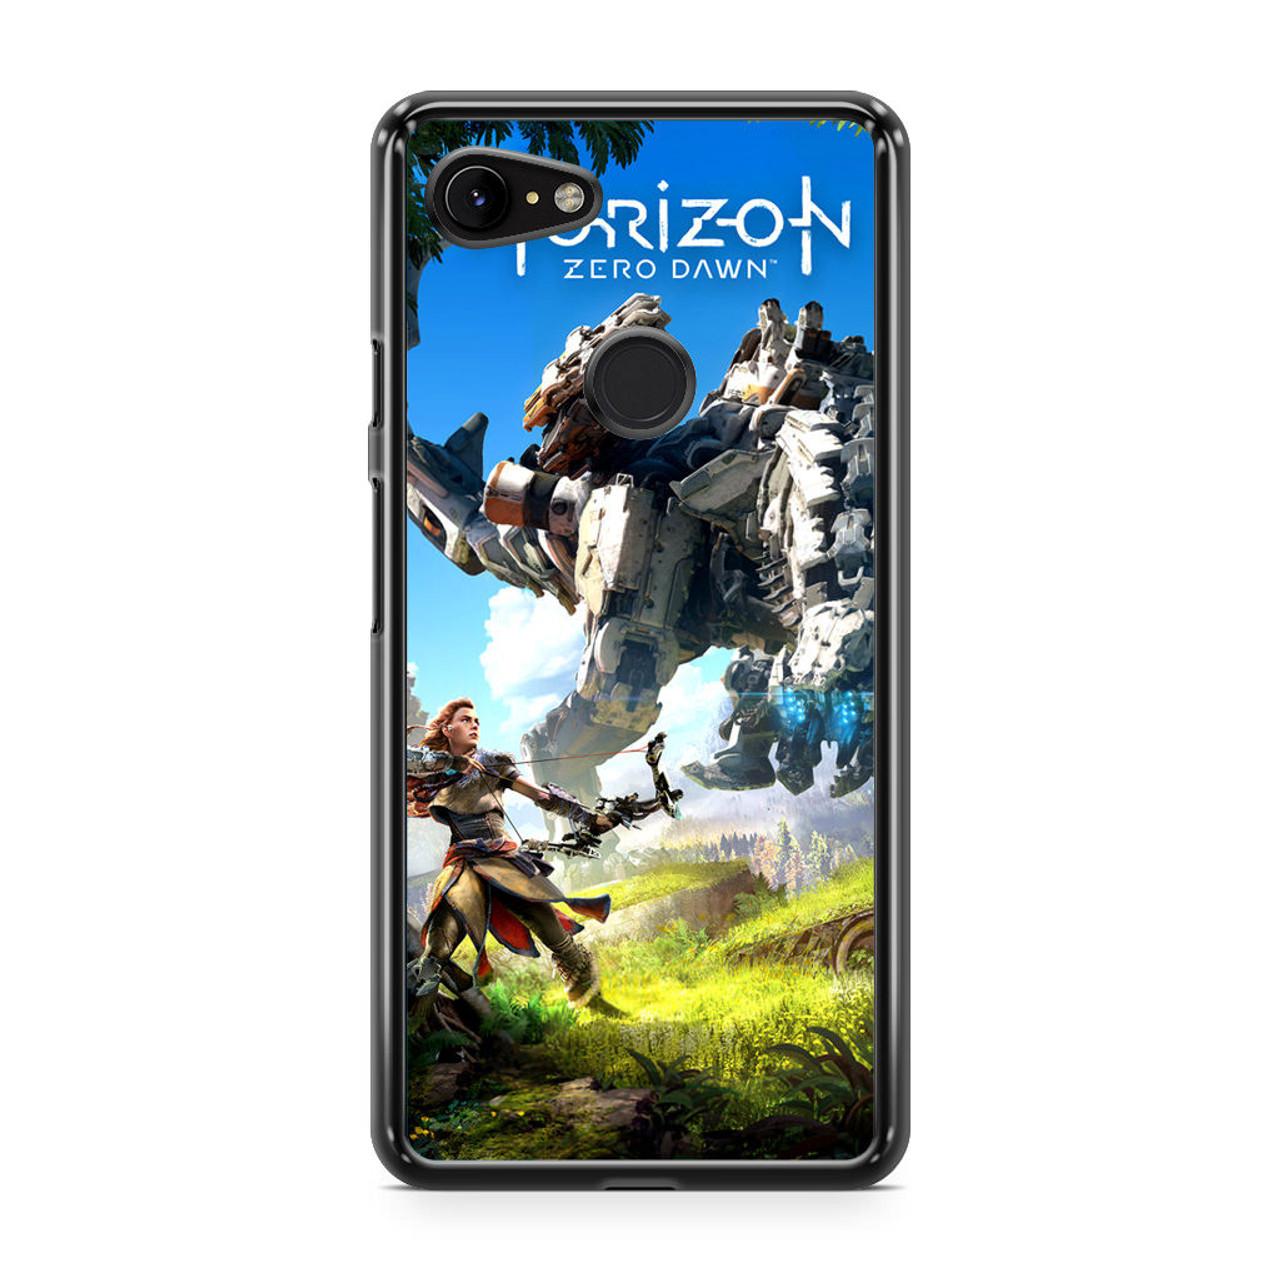 Horizon Zero Dawn Wallpaper Google Pixel 3 Case